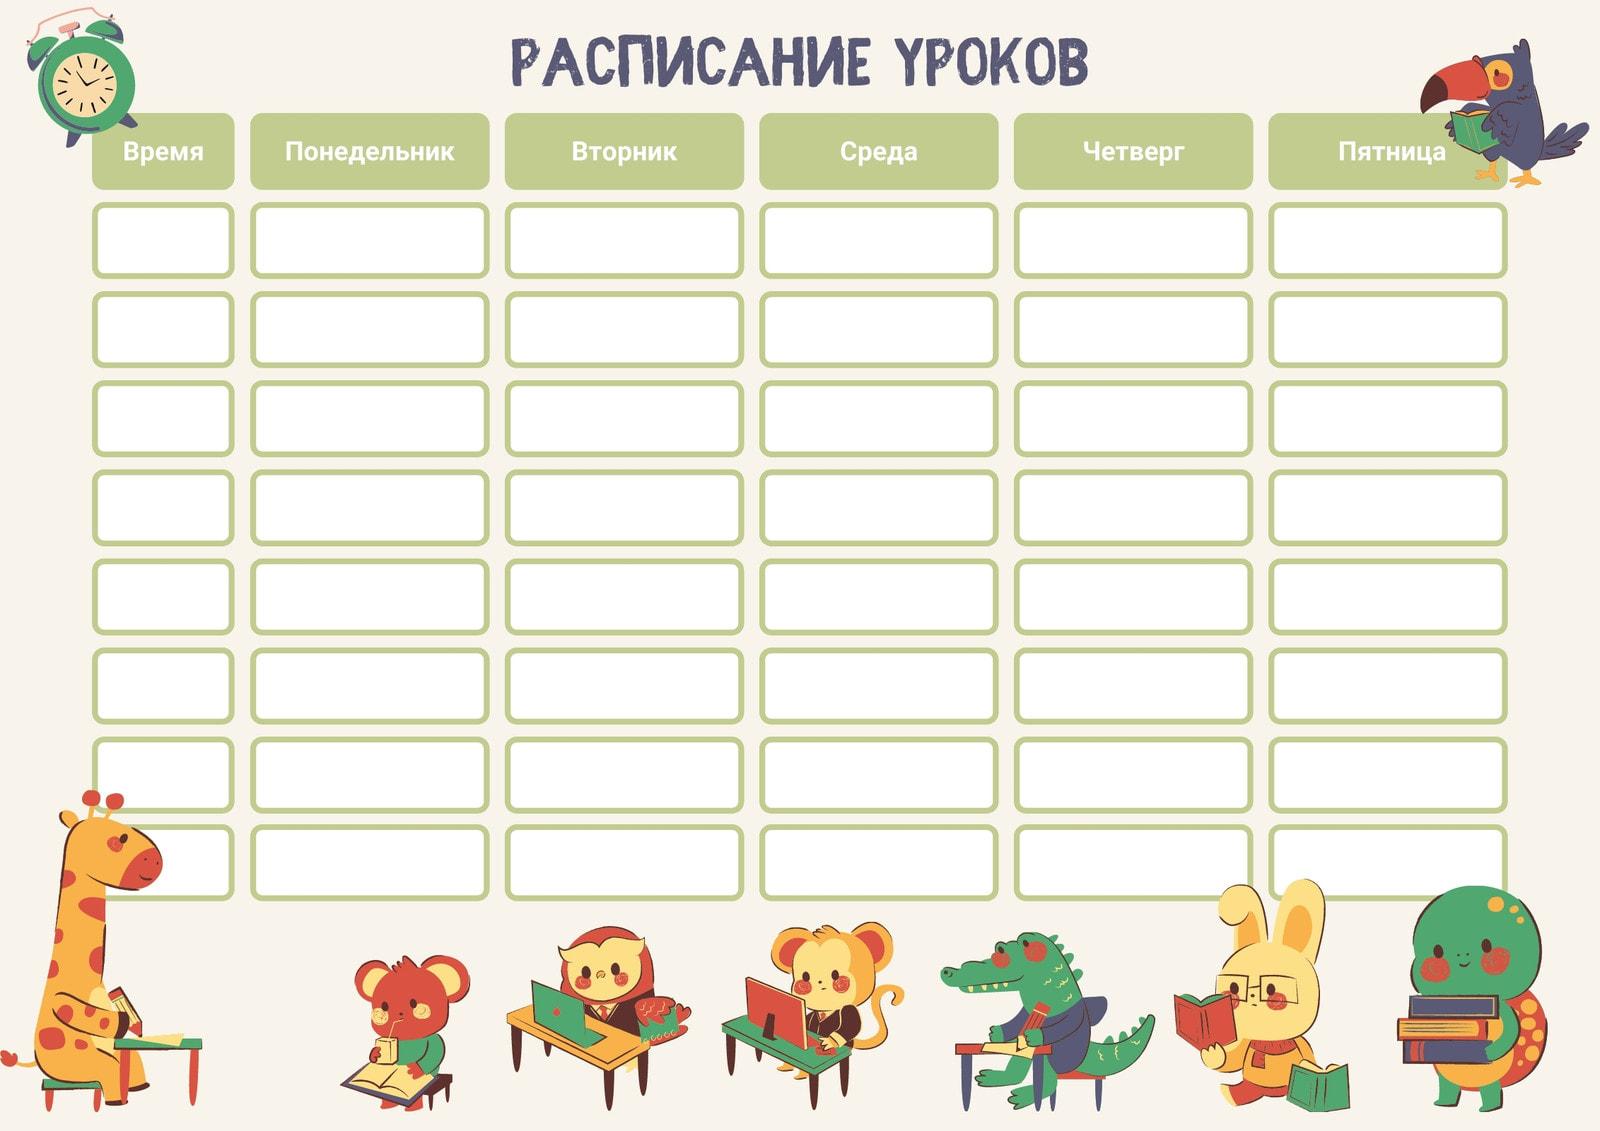 расписание уроков и занятий для школьника, печатный формат